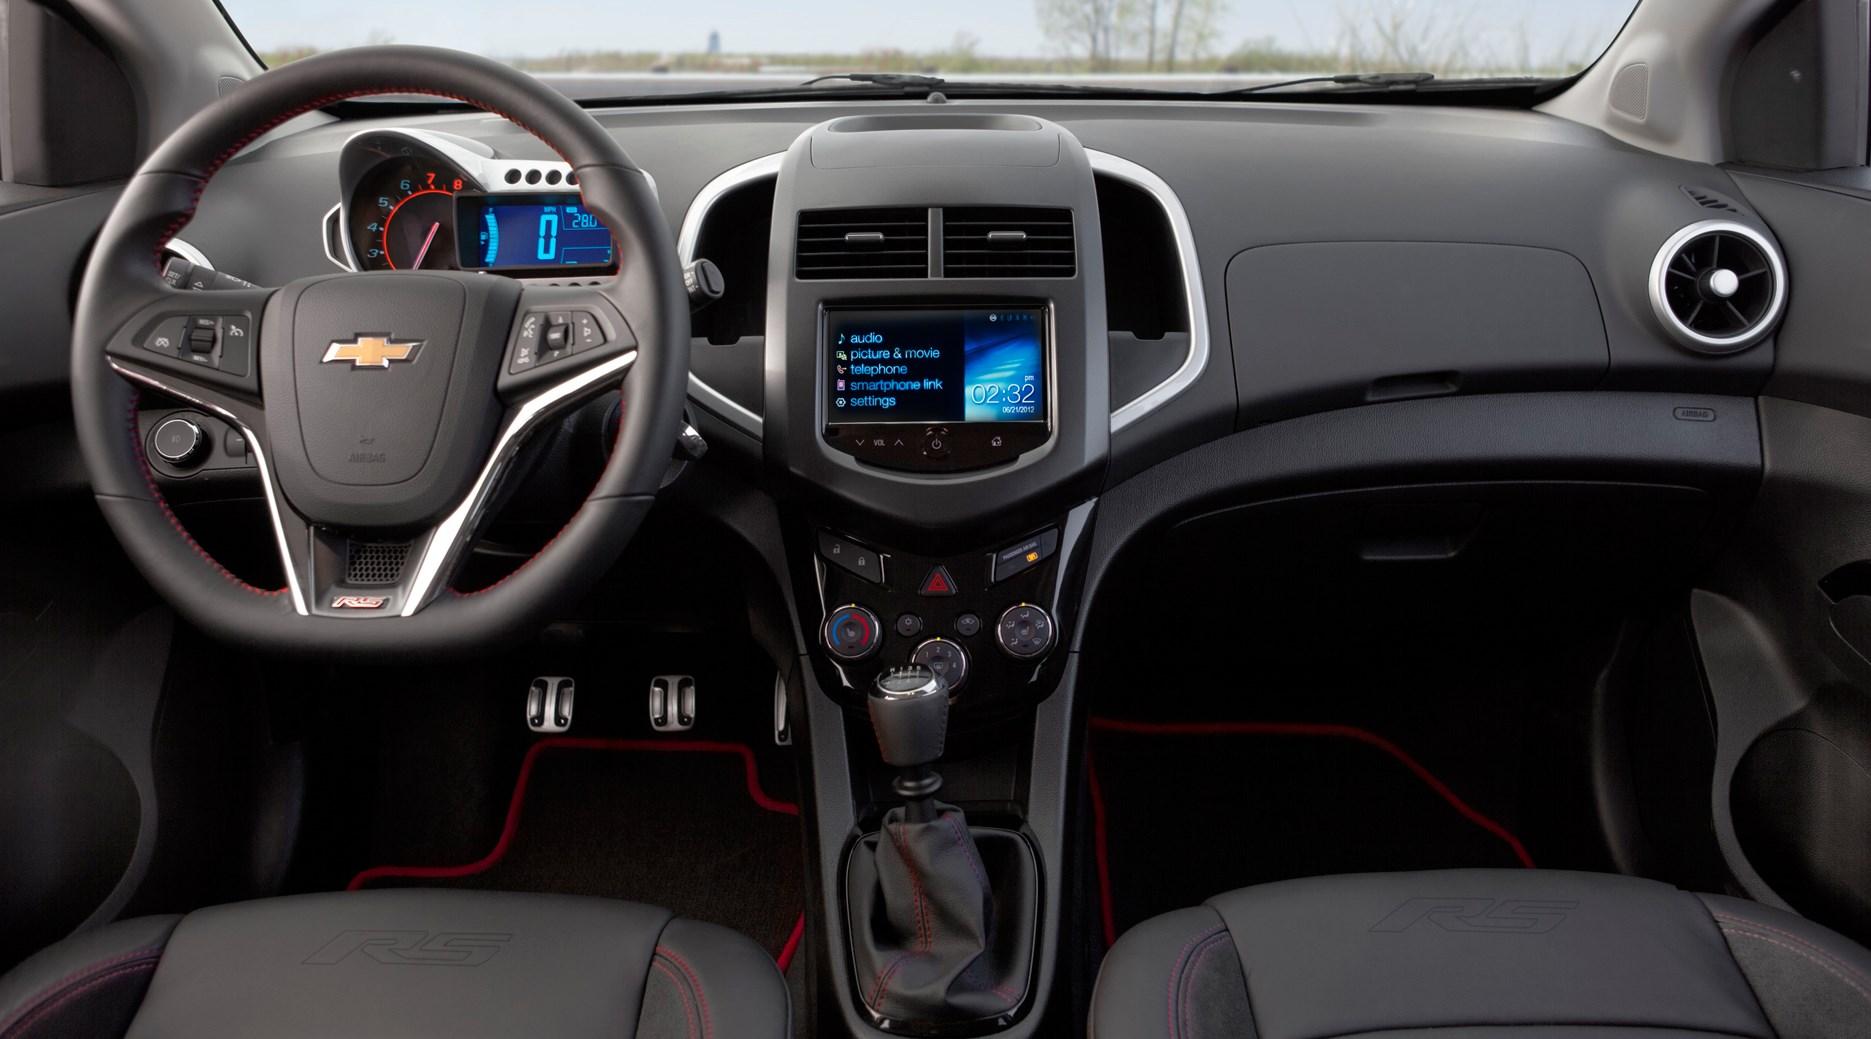 Nuevo Chevrolet Sonic 2017 (sedán y hatchback) | Automotiva